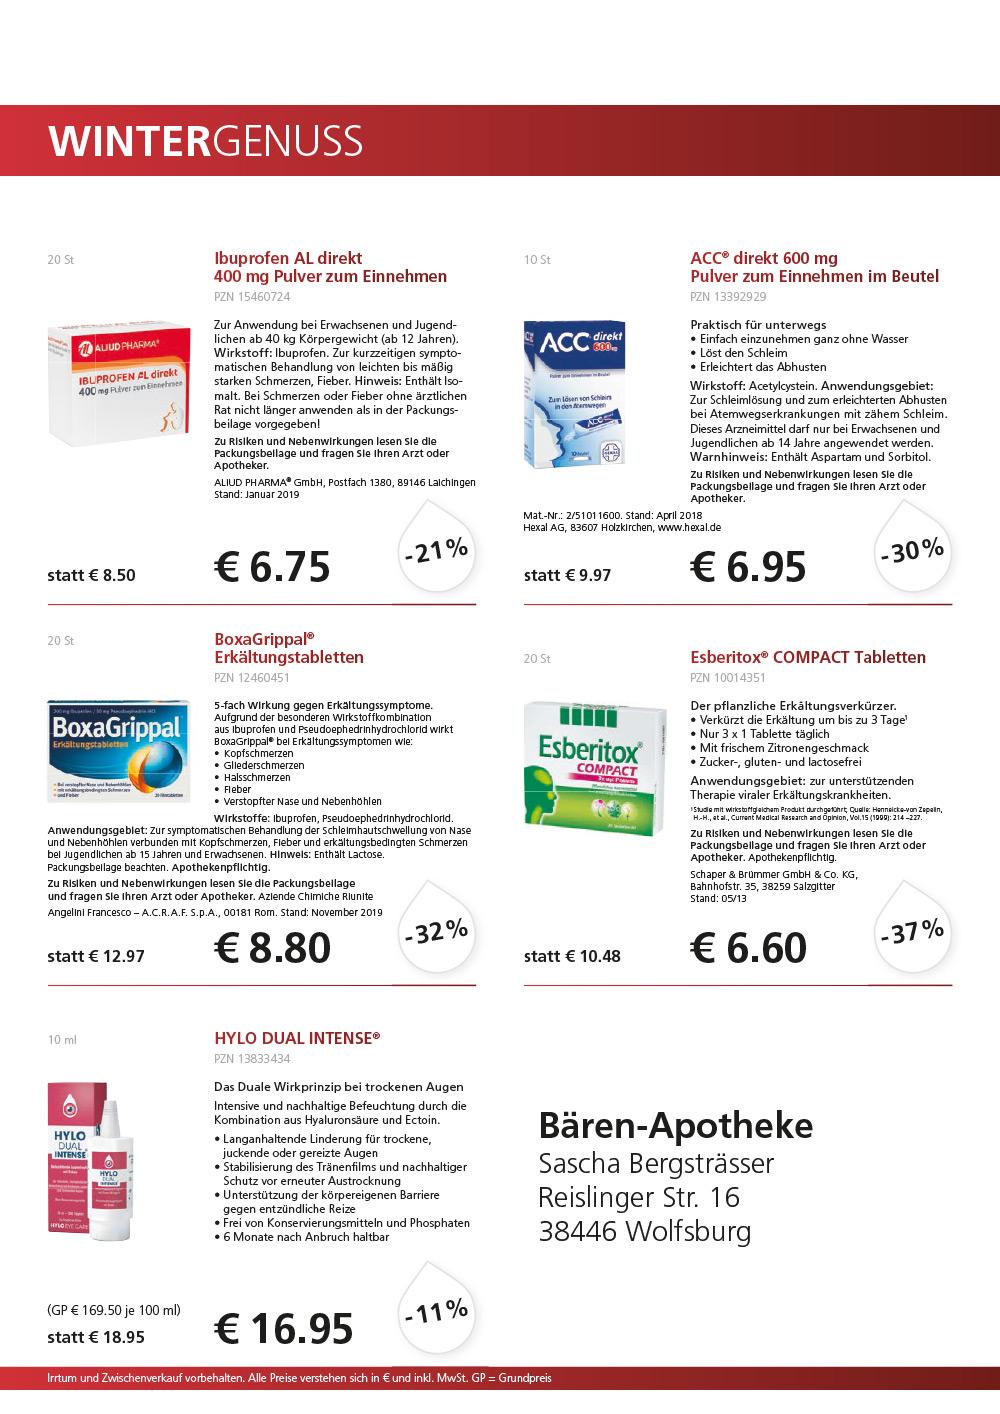 http://www.apotheken.de/fileadmin/clubarea/00000-Angebote/38446_9109_baeren_angebot_4.jpg